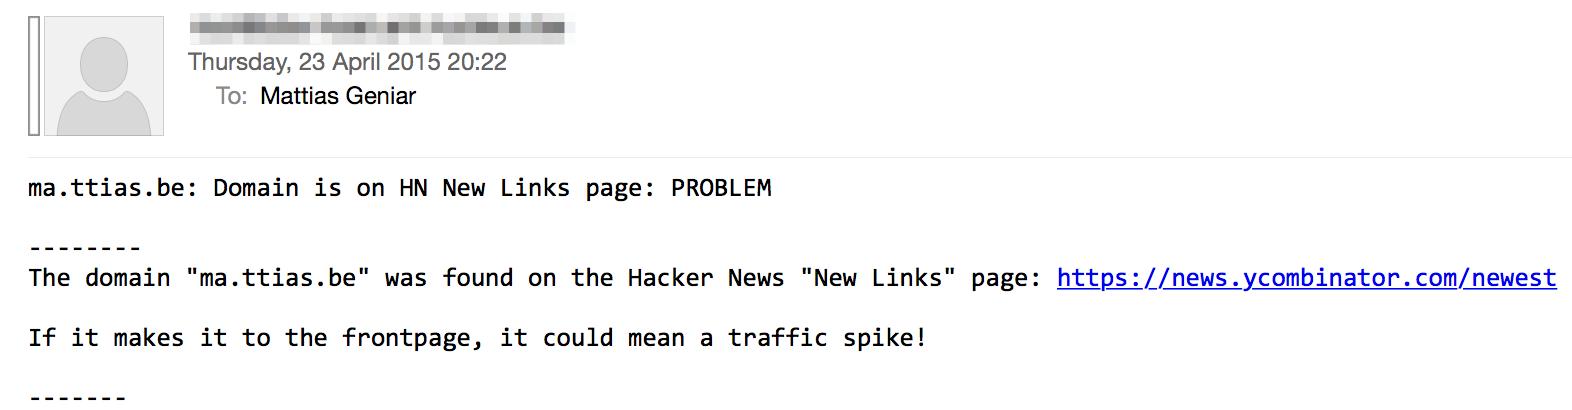 hn_mail_alert